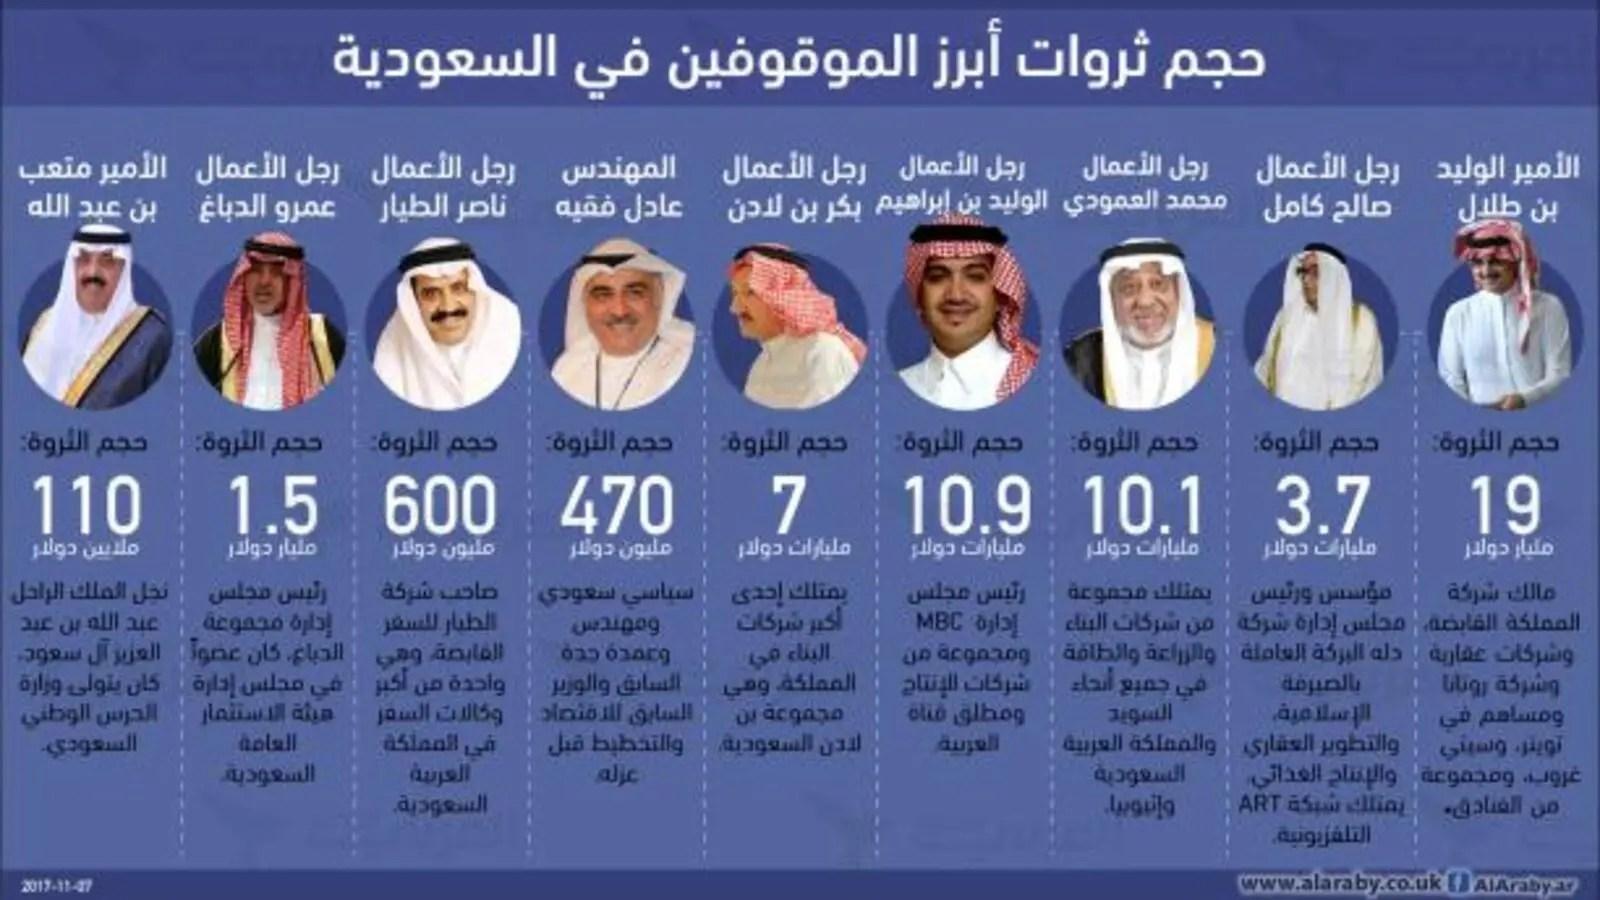 بالأرقام حجم ثروات الأمراء ورجال الأعمال المعتقلين في السعودية